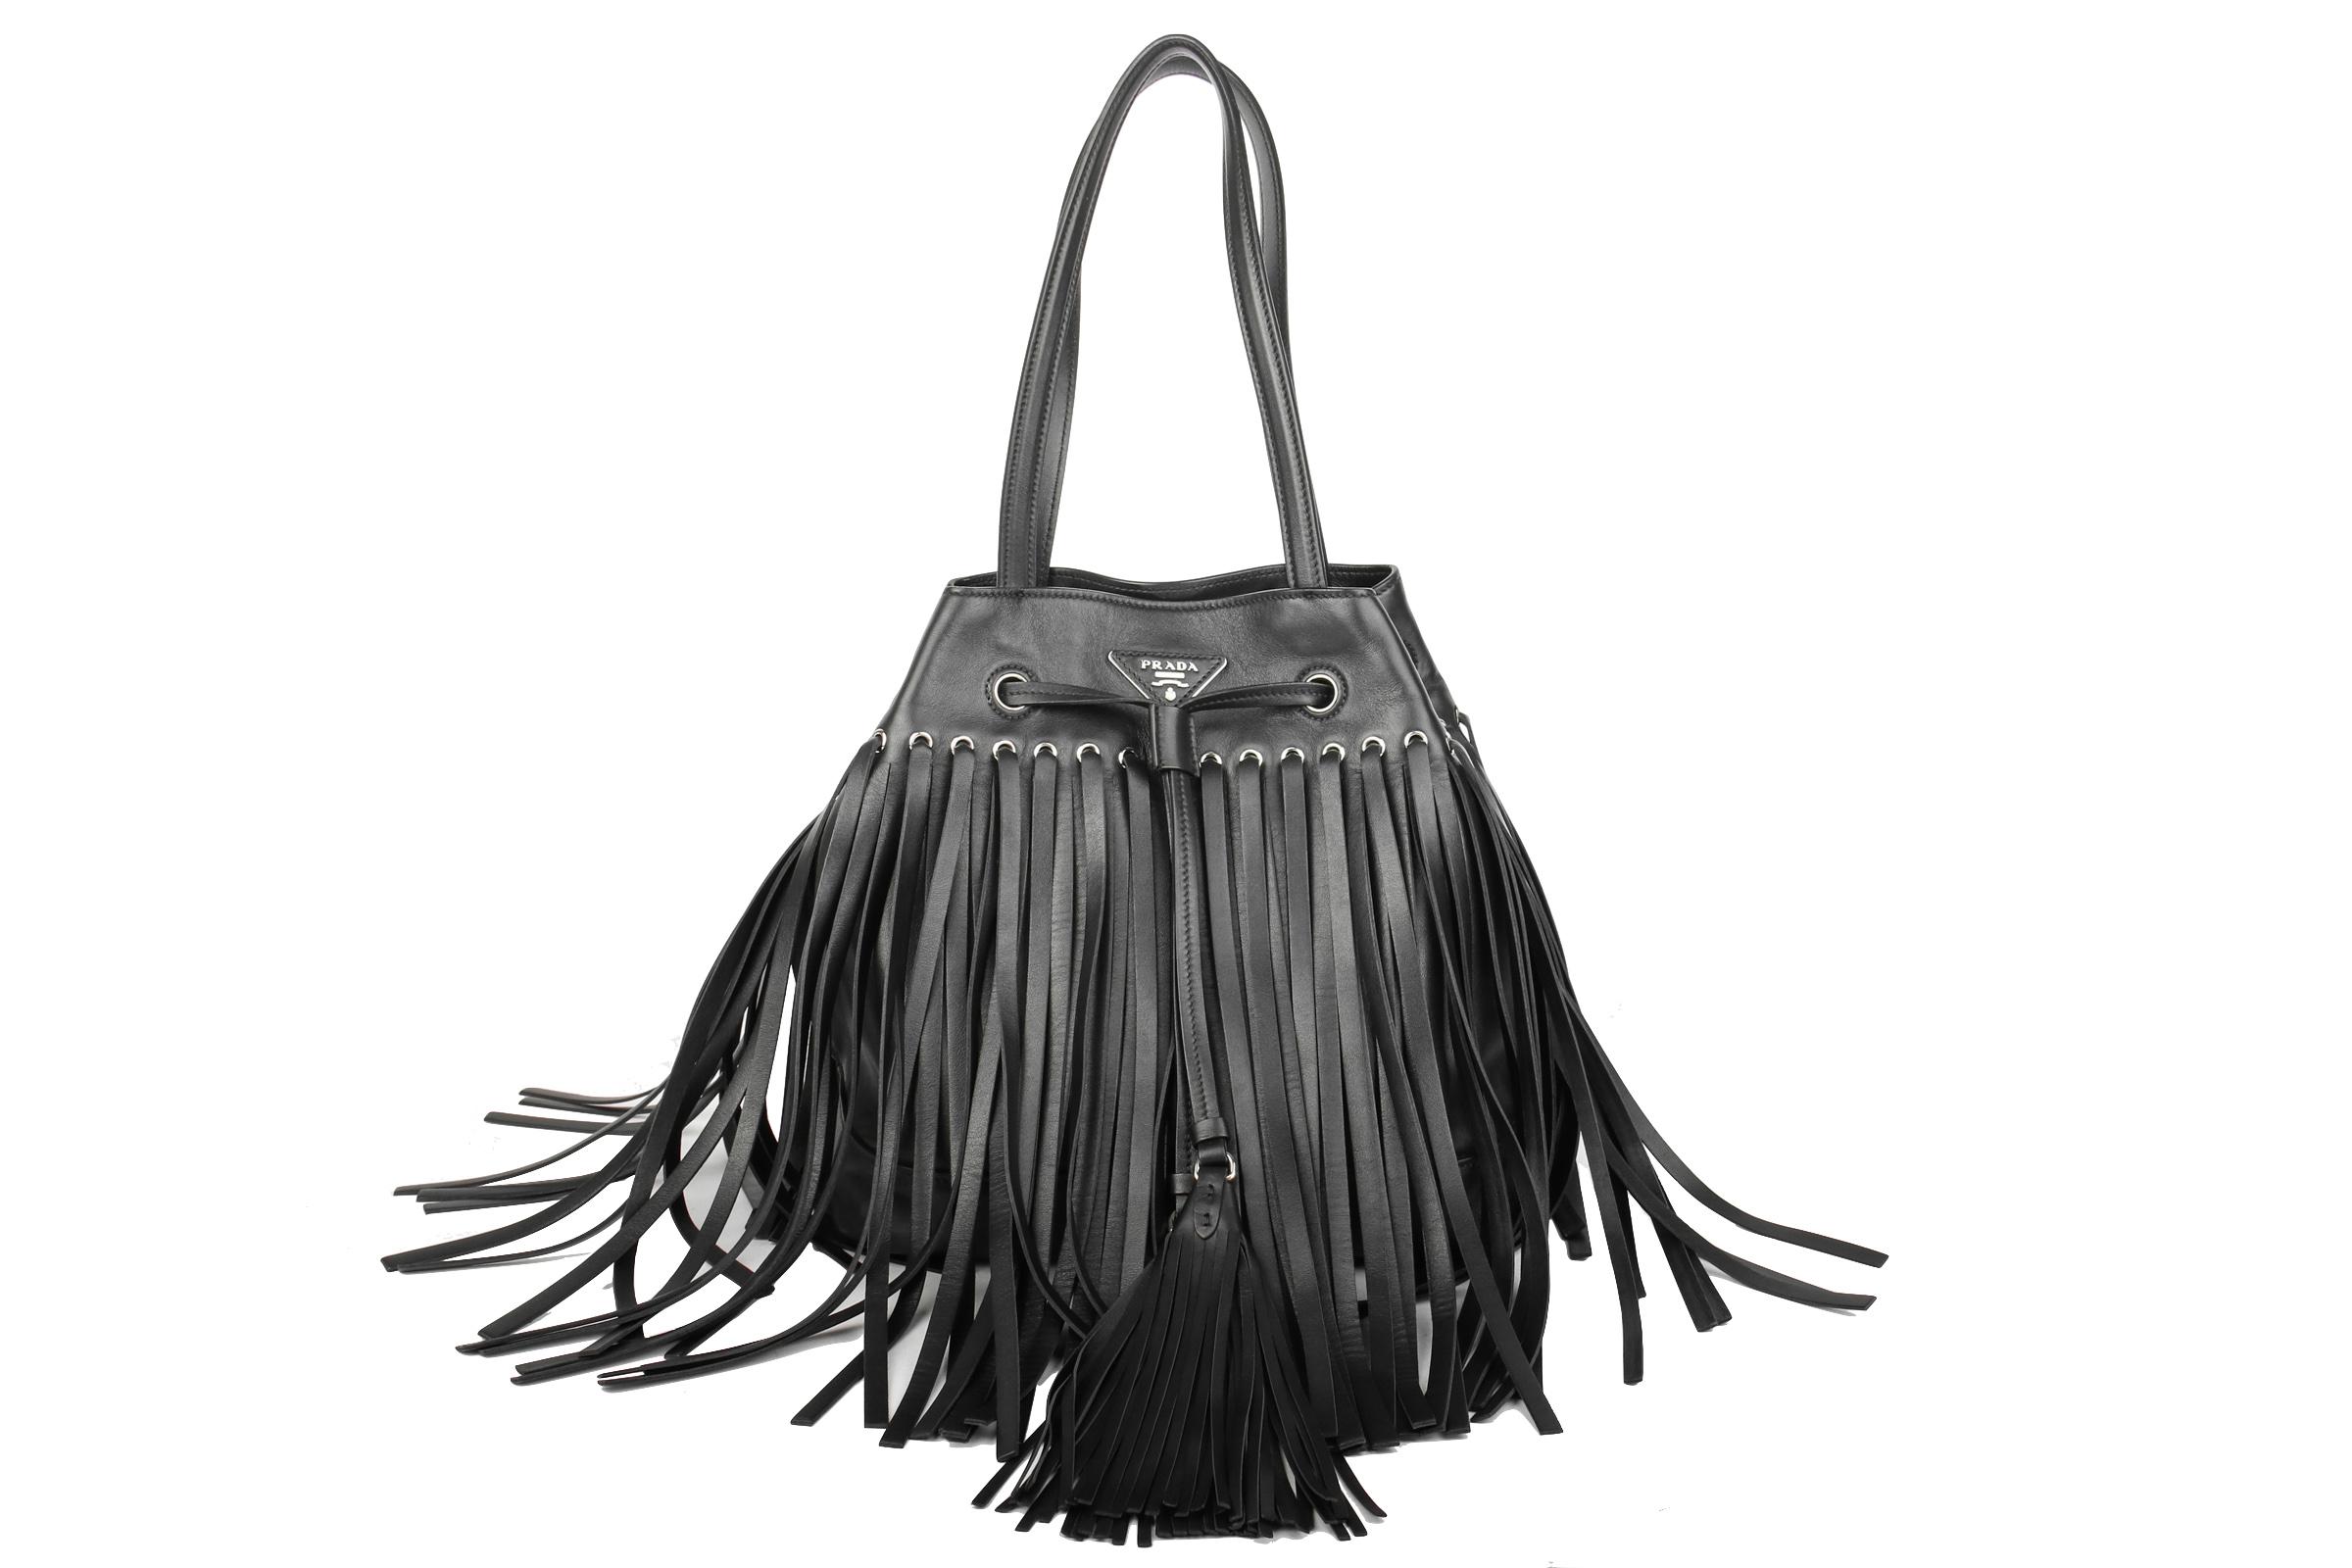 0e2fa4ca0ecd ... promo code for prada bag with fringes black luxussachen 09508 37ddd ...